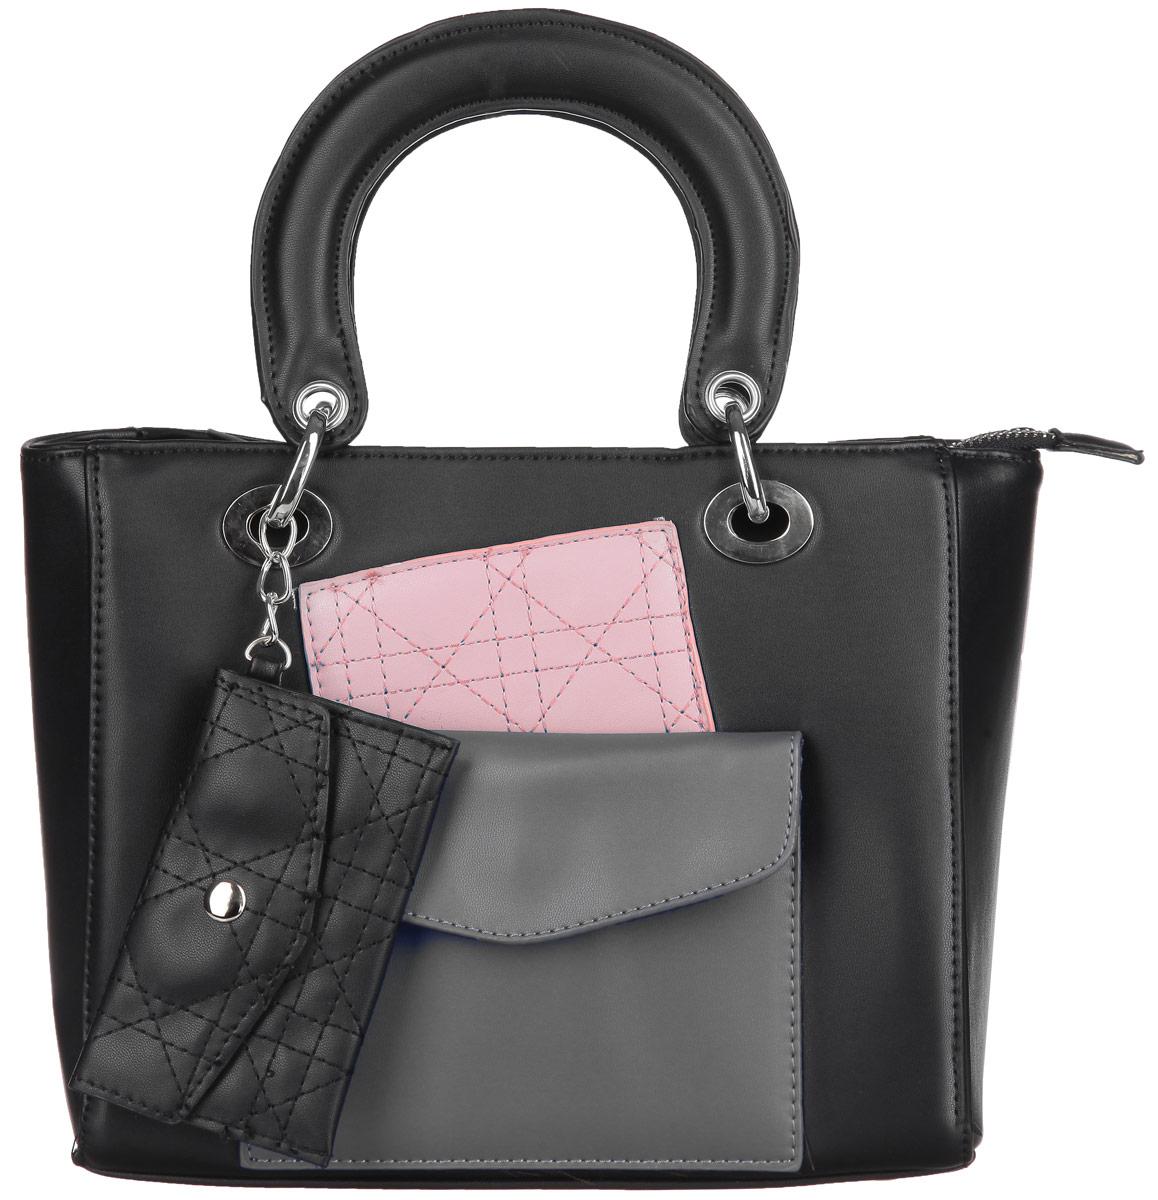 Сумка женская Ors Oro, цвет: черный, розовый, хаки. D-12923008Стильная сумка Ors Oro выполнена из экокожи, оформлена вставками из искусственной кожи контрастных оттенков и дополнена подвеской с декоративным кошельком.Изделие содержит одно отделение, которое закрывается на молнию, внутри расположены два накладных кармана для телефона и мелочей, врезной карман на молнии. Снаружи, на лицевой стенке сумки расположен накладной кармана на магнитной кнопке. Изделие дополнено двумя практичными ручками с металлической фурнитурой. Дно сумки оснащено металлическими ножками.Сумка Ors Oro прекрасно дополнит образ и подчеркнет ваш неповторимый стиль.